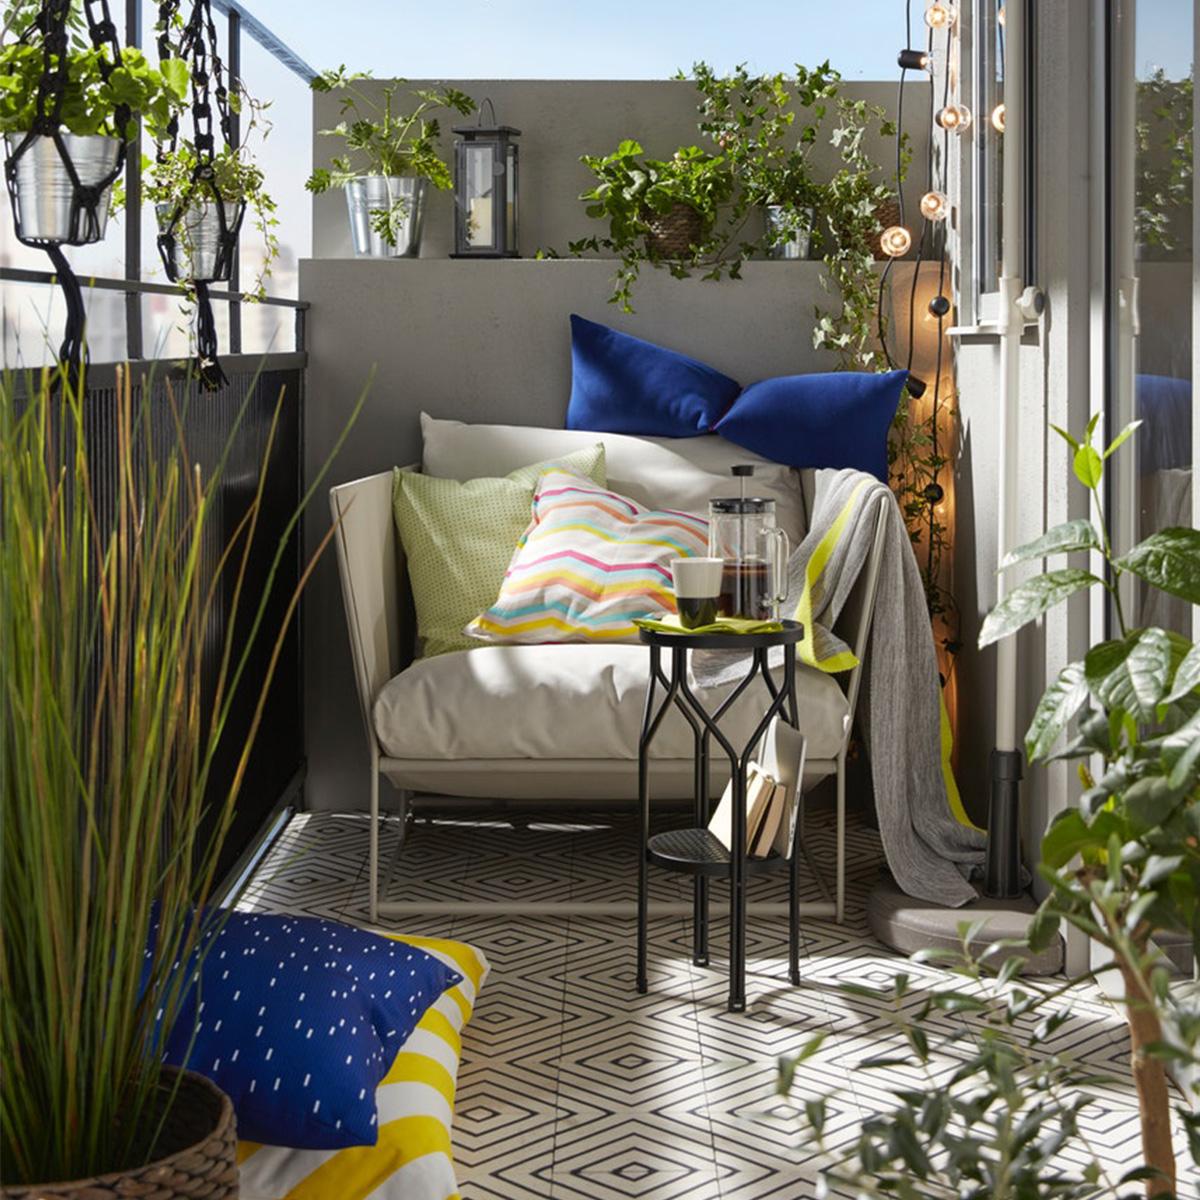 Amenagement Salon De Jardin Charmant Idées Pour L ... dedans Amenager Jardin Rectangulaire